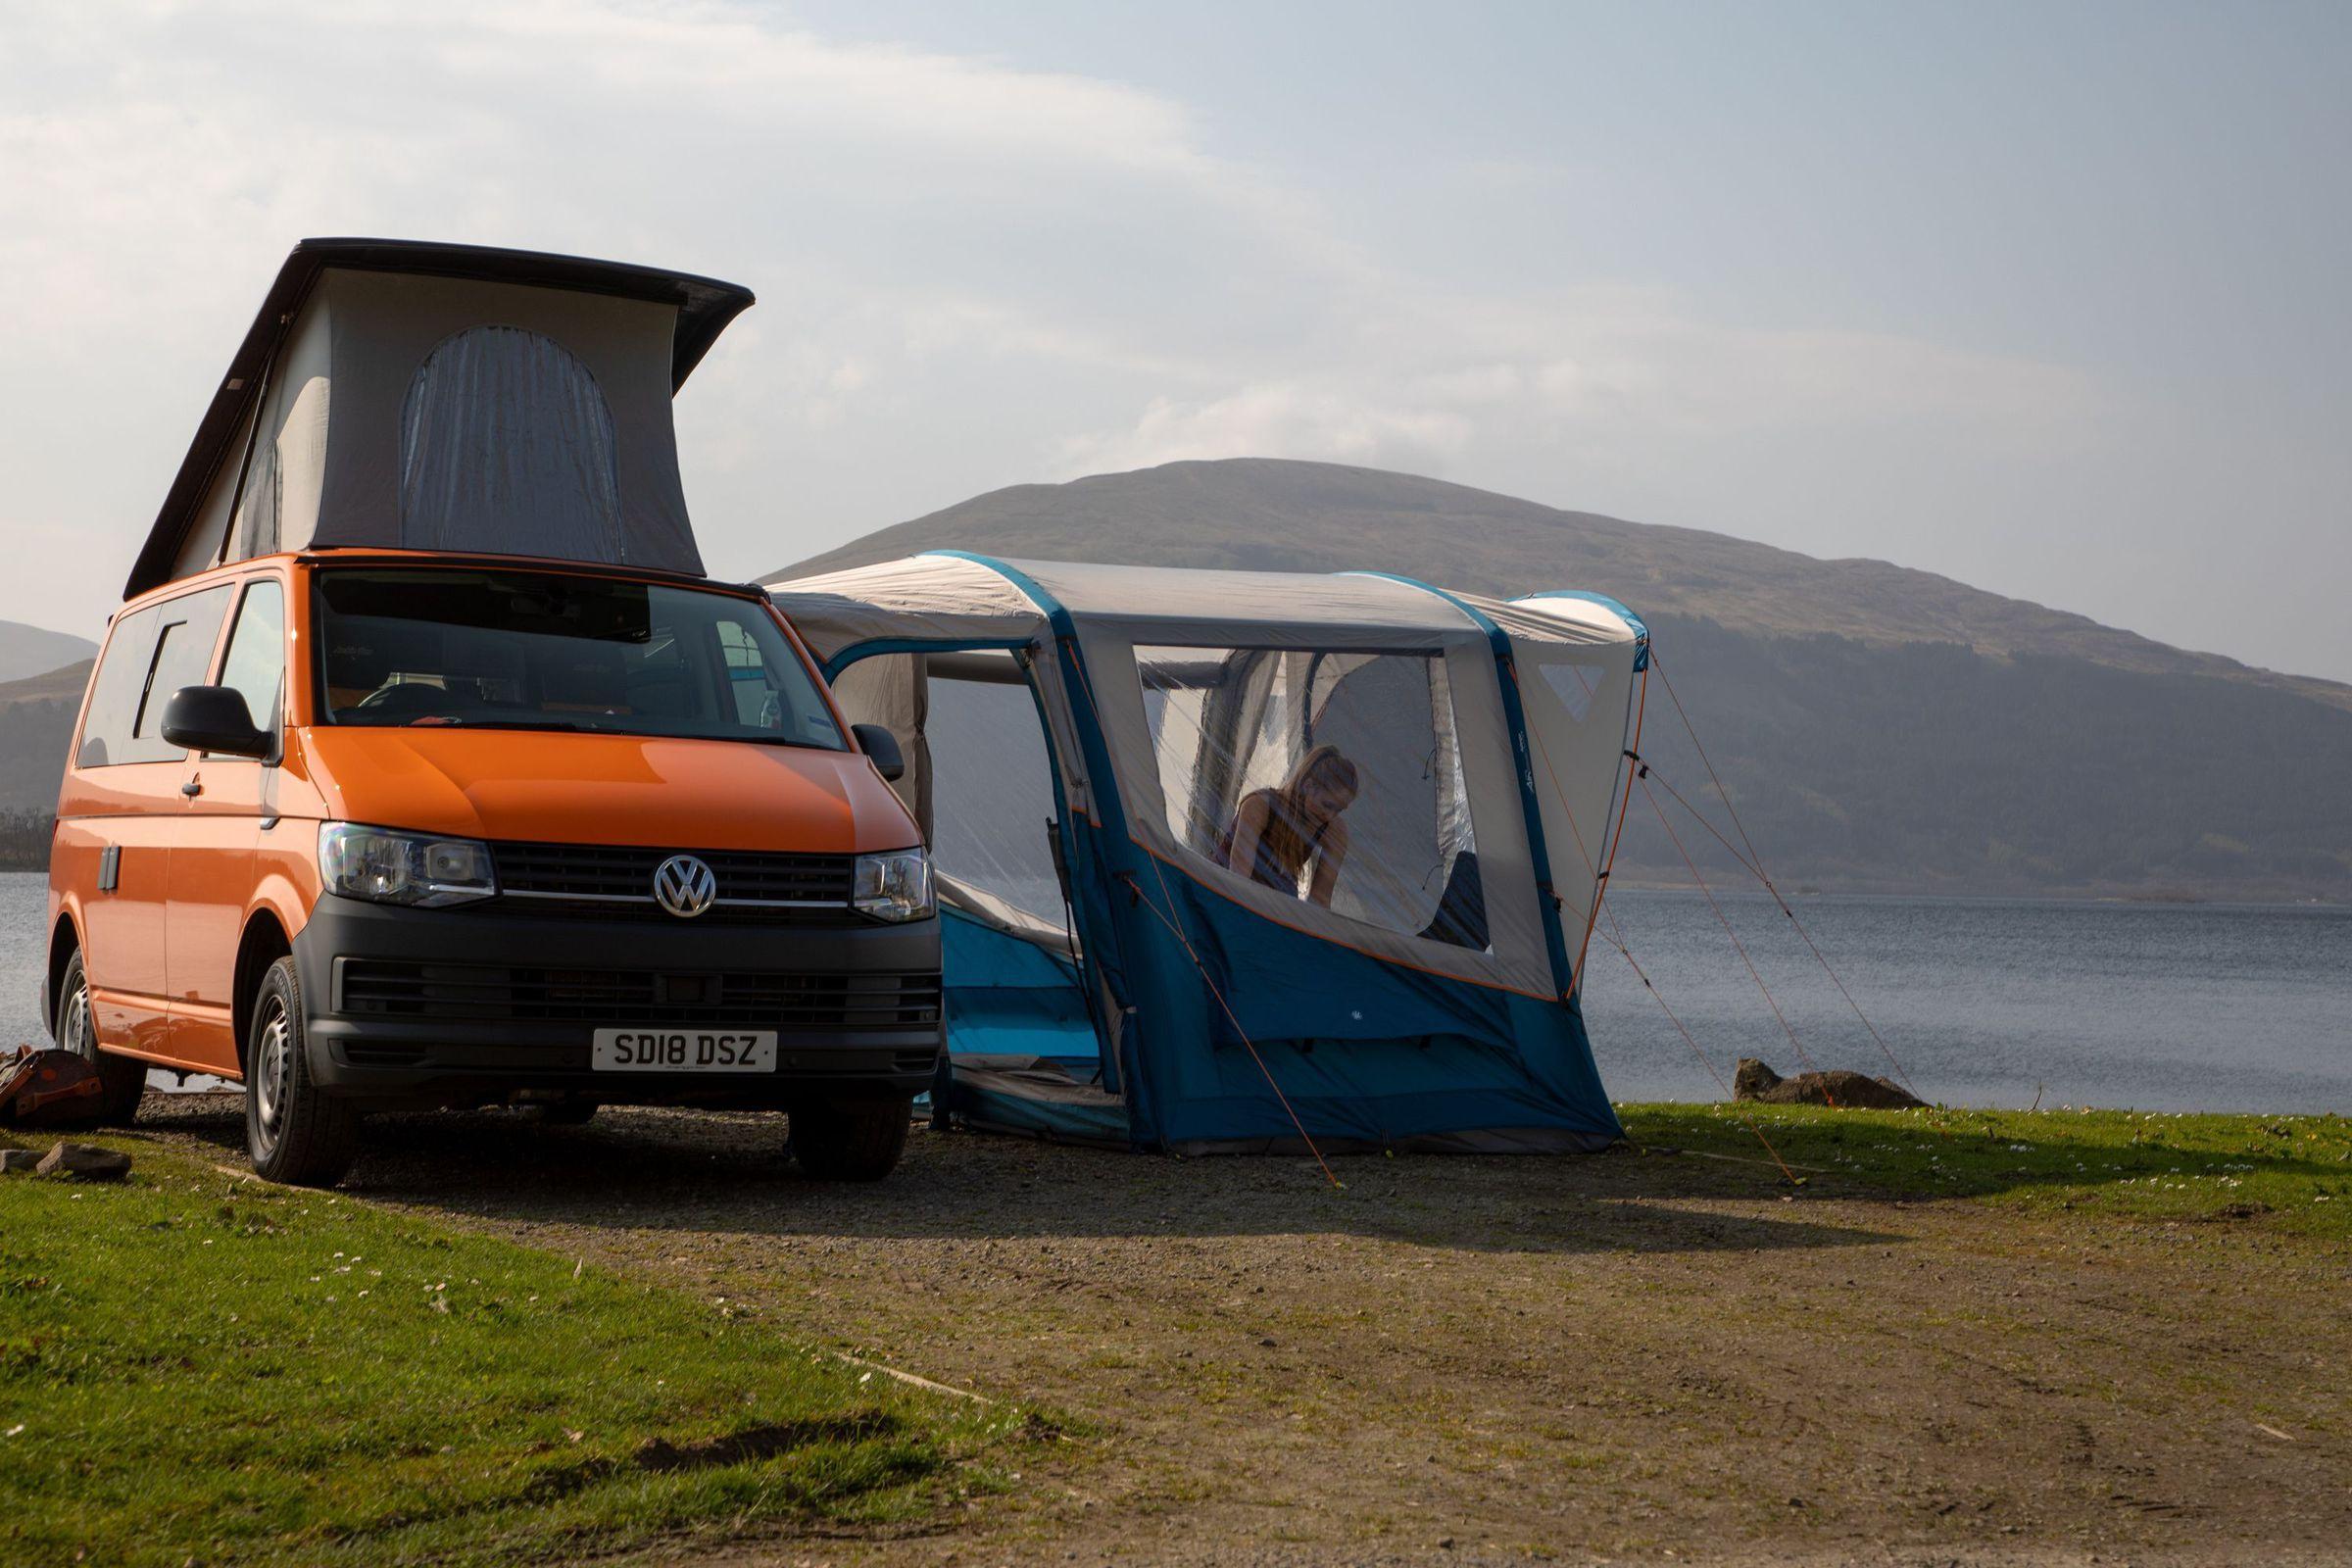 Vango Tolga Vw Low Driveaway Awning Norwich Camping4